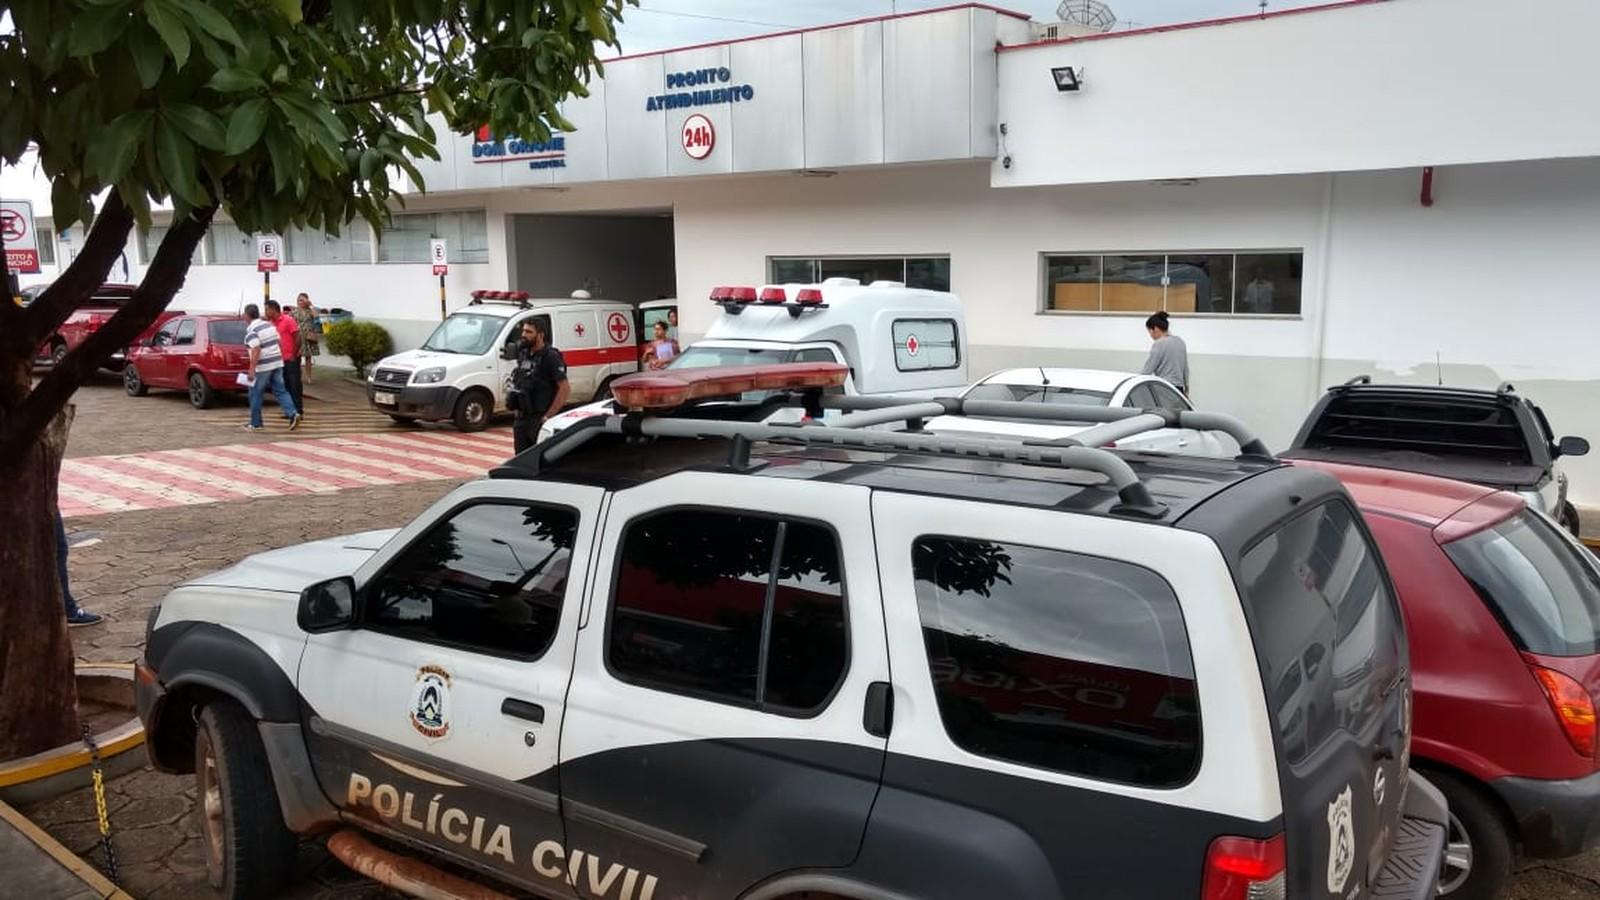 Médico suspeito de ser funcionário fantasma é alvo de operação da Polícia Civil